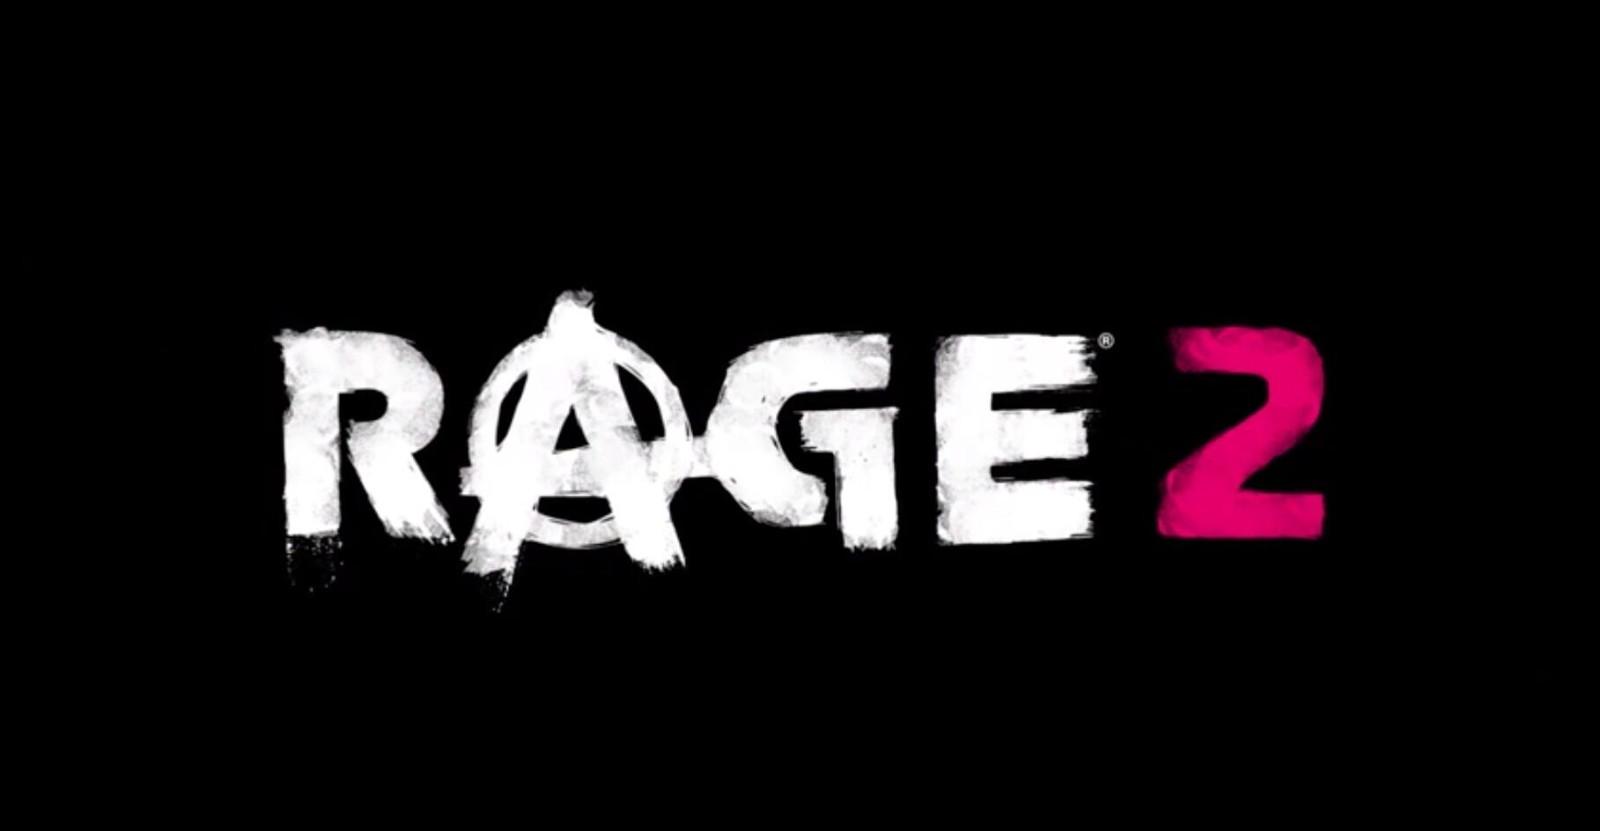 Epic本周喜加二 免费领取《绝对漂移》《狂怒2》